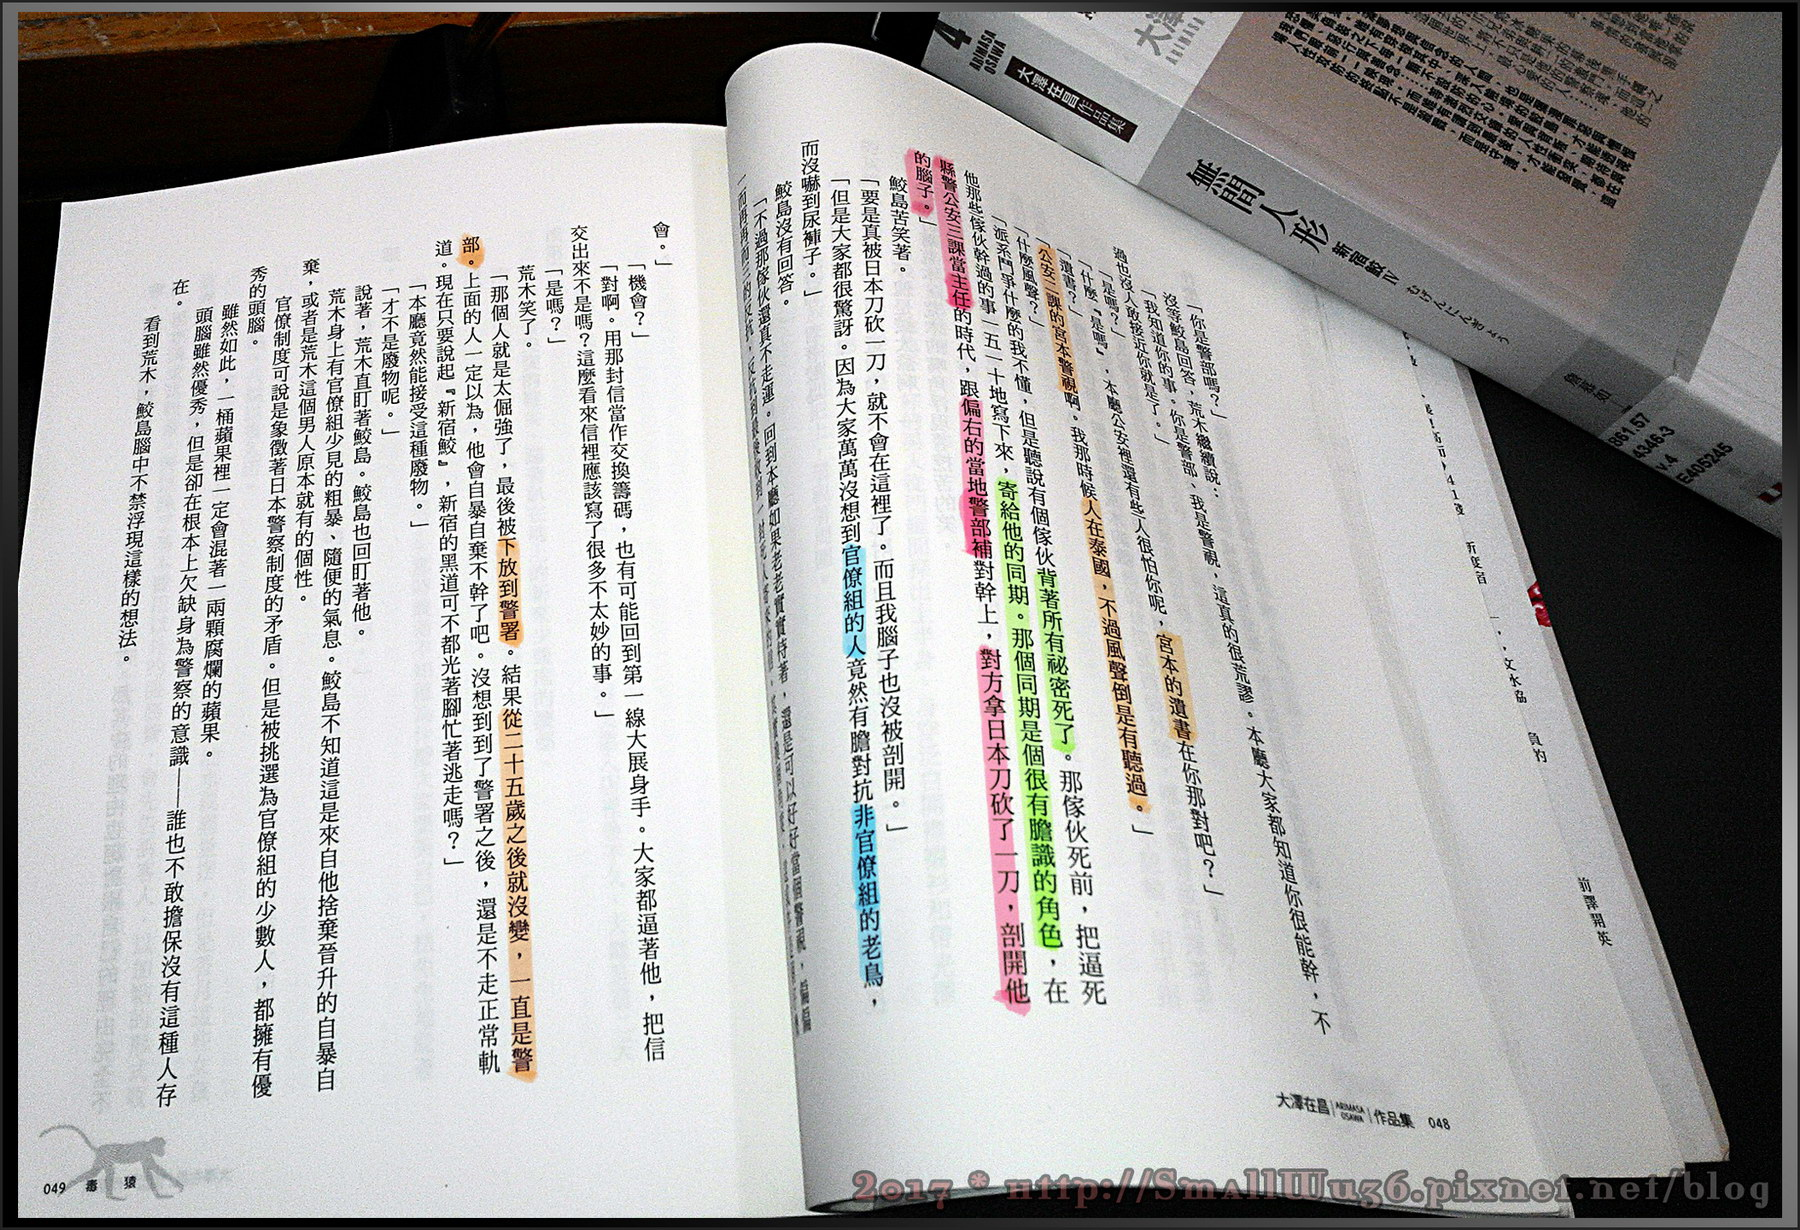 [小說] 大澤在昌(大沢在昌)《毒猿》《無形人間》(新宿鮫系列),皇冠文化-001.jpg